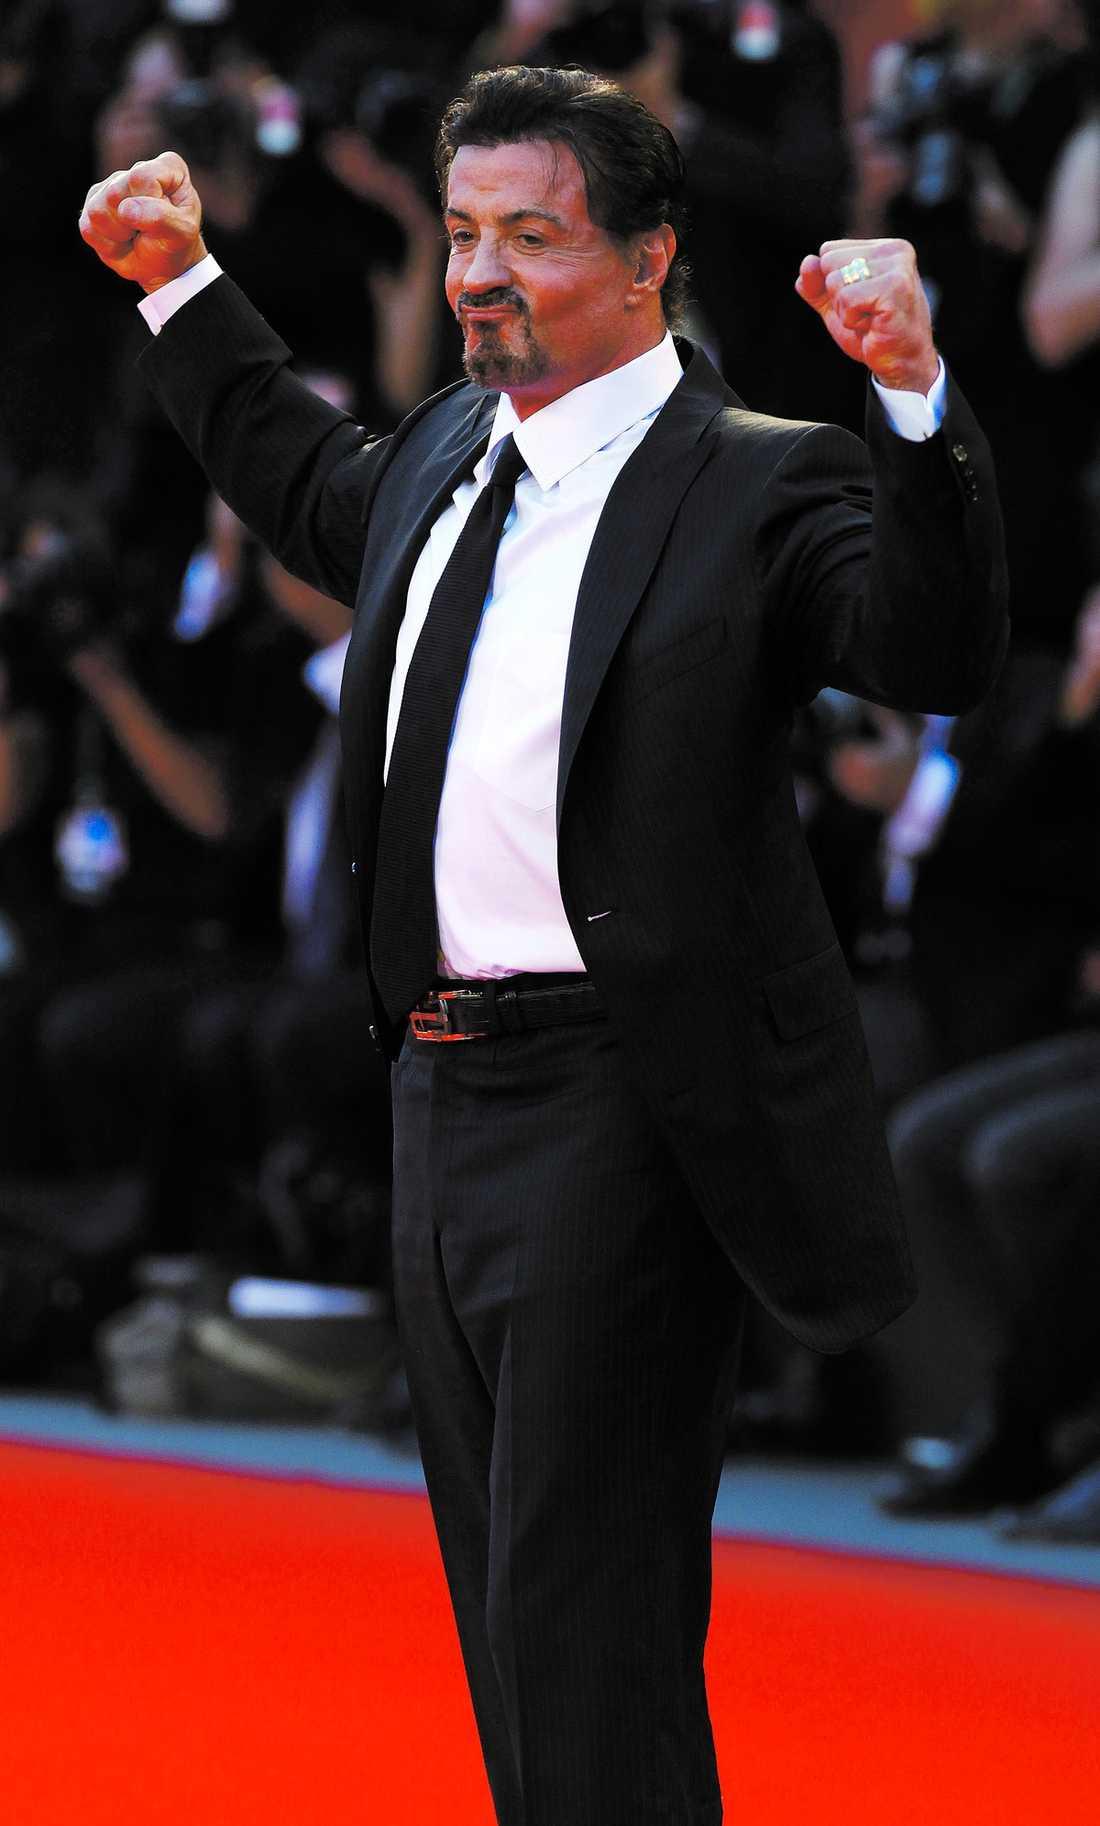 Sylvester Stallone går från actionfilm – till svenska Melodifestivalen. Enligt uppgifter till Nöjesbladet har Dolph Lundgren lyckats få med polaren Sylvester i musiktävlingen.